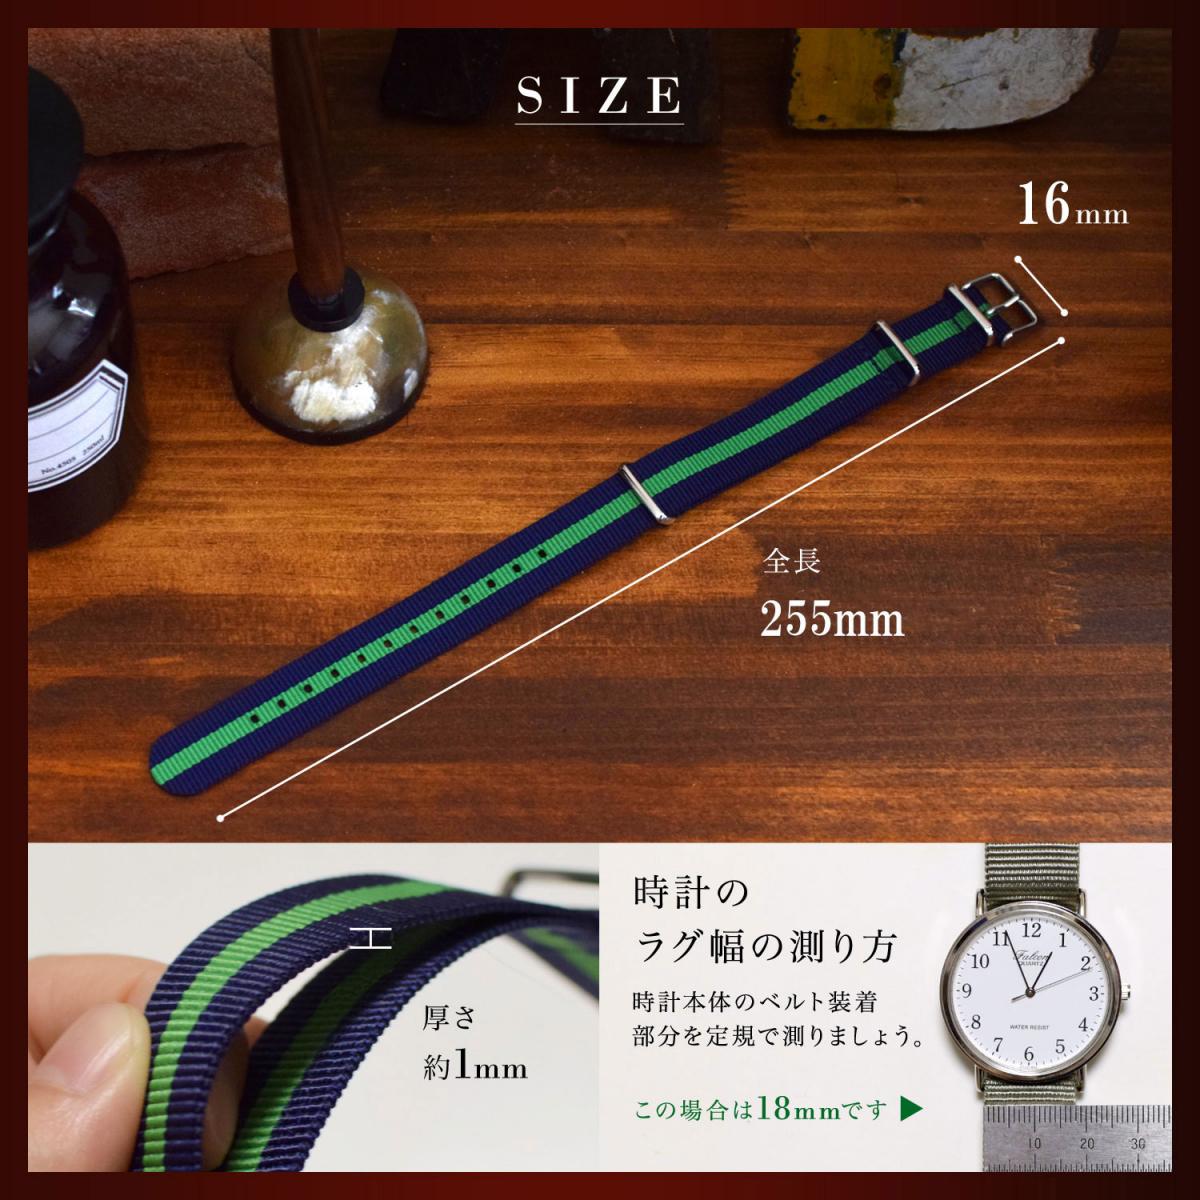 時計ベルト16mm 4本セット NATO ゴールドバックル ショートサイズ 取付けマニュアル 腕時計バンドセット売り_画像4